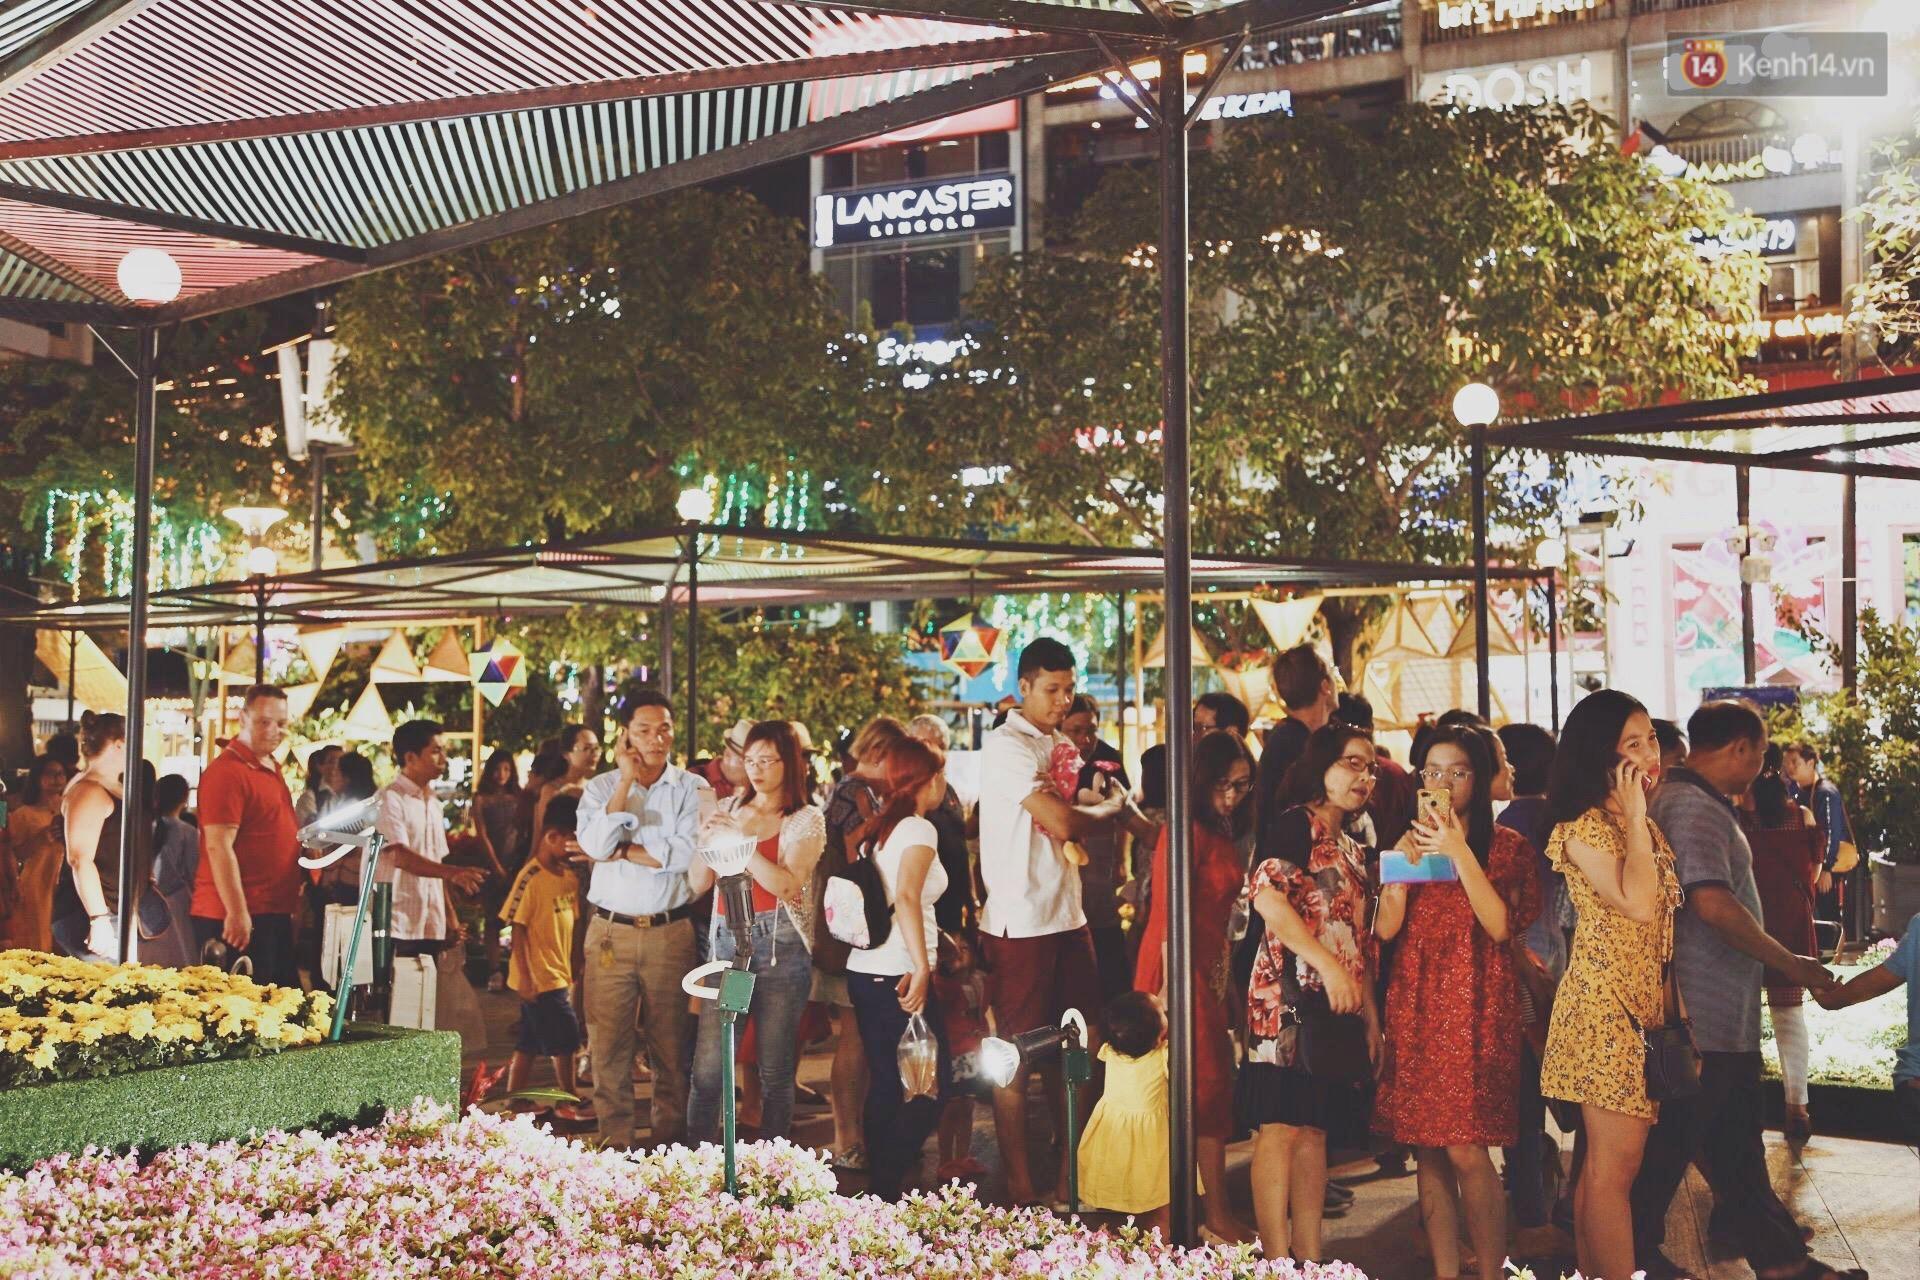 Người dân Hà Nội, Sài Gòn hân hoan đổ xuống đường, chờ đợi thời khắc giao thừa sang năm mới Kỷ Hợi - Ảnh 1.